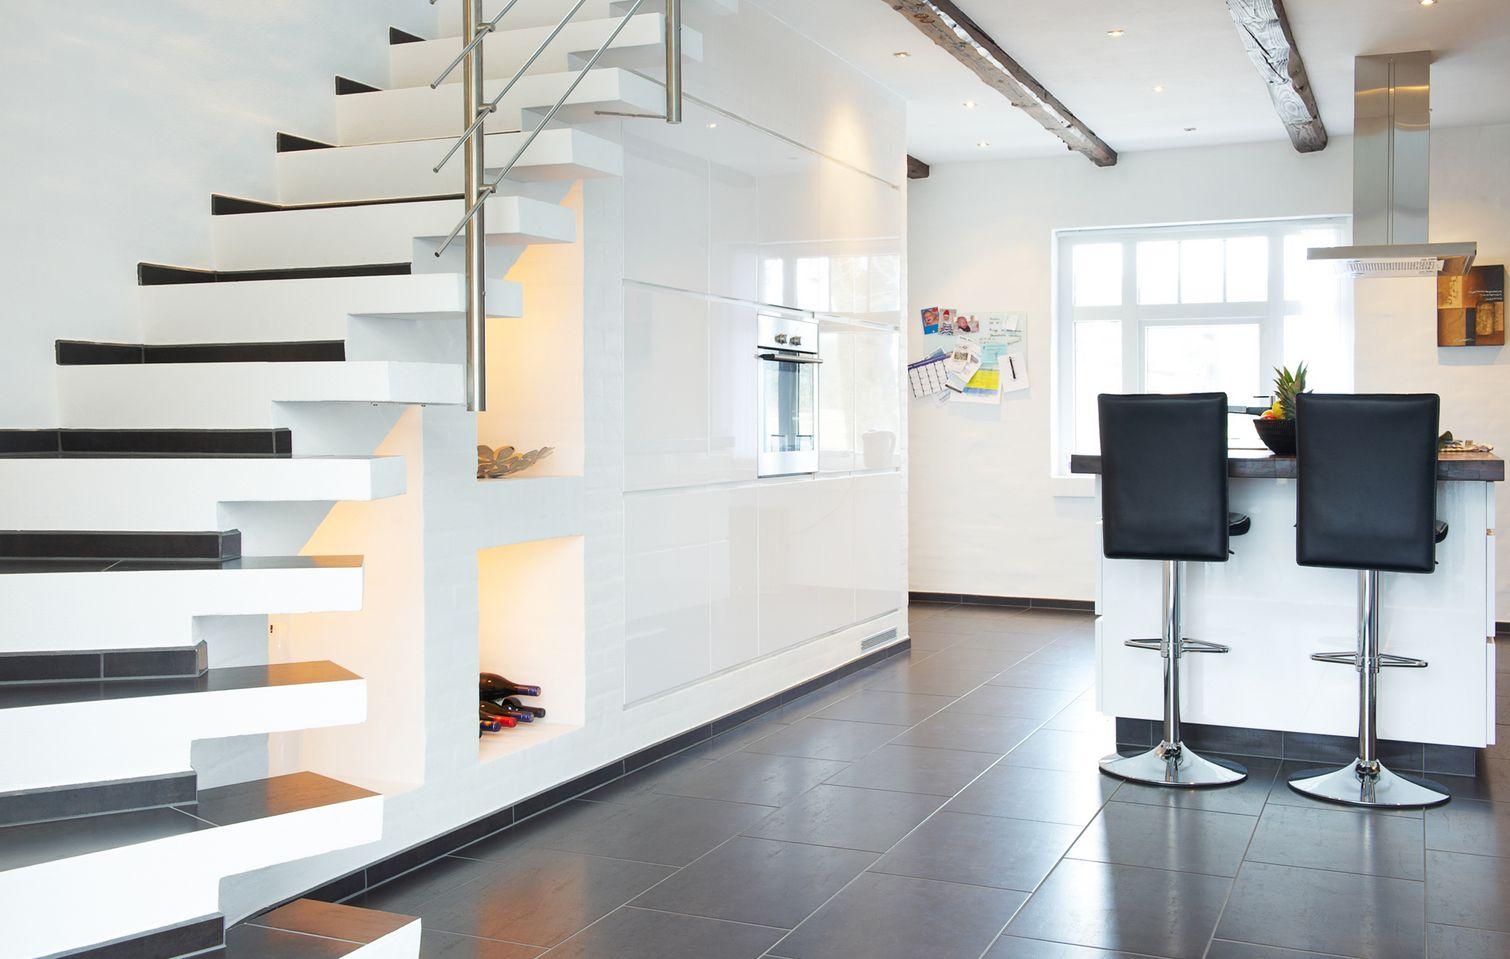 Fantastisk Hjemmelavet trappe med indbygget gulvvarme OO52